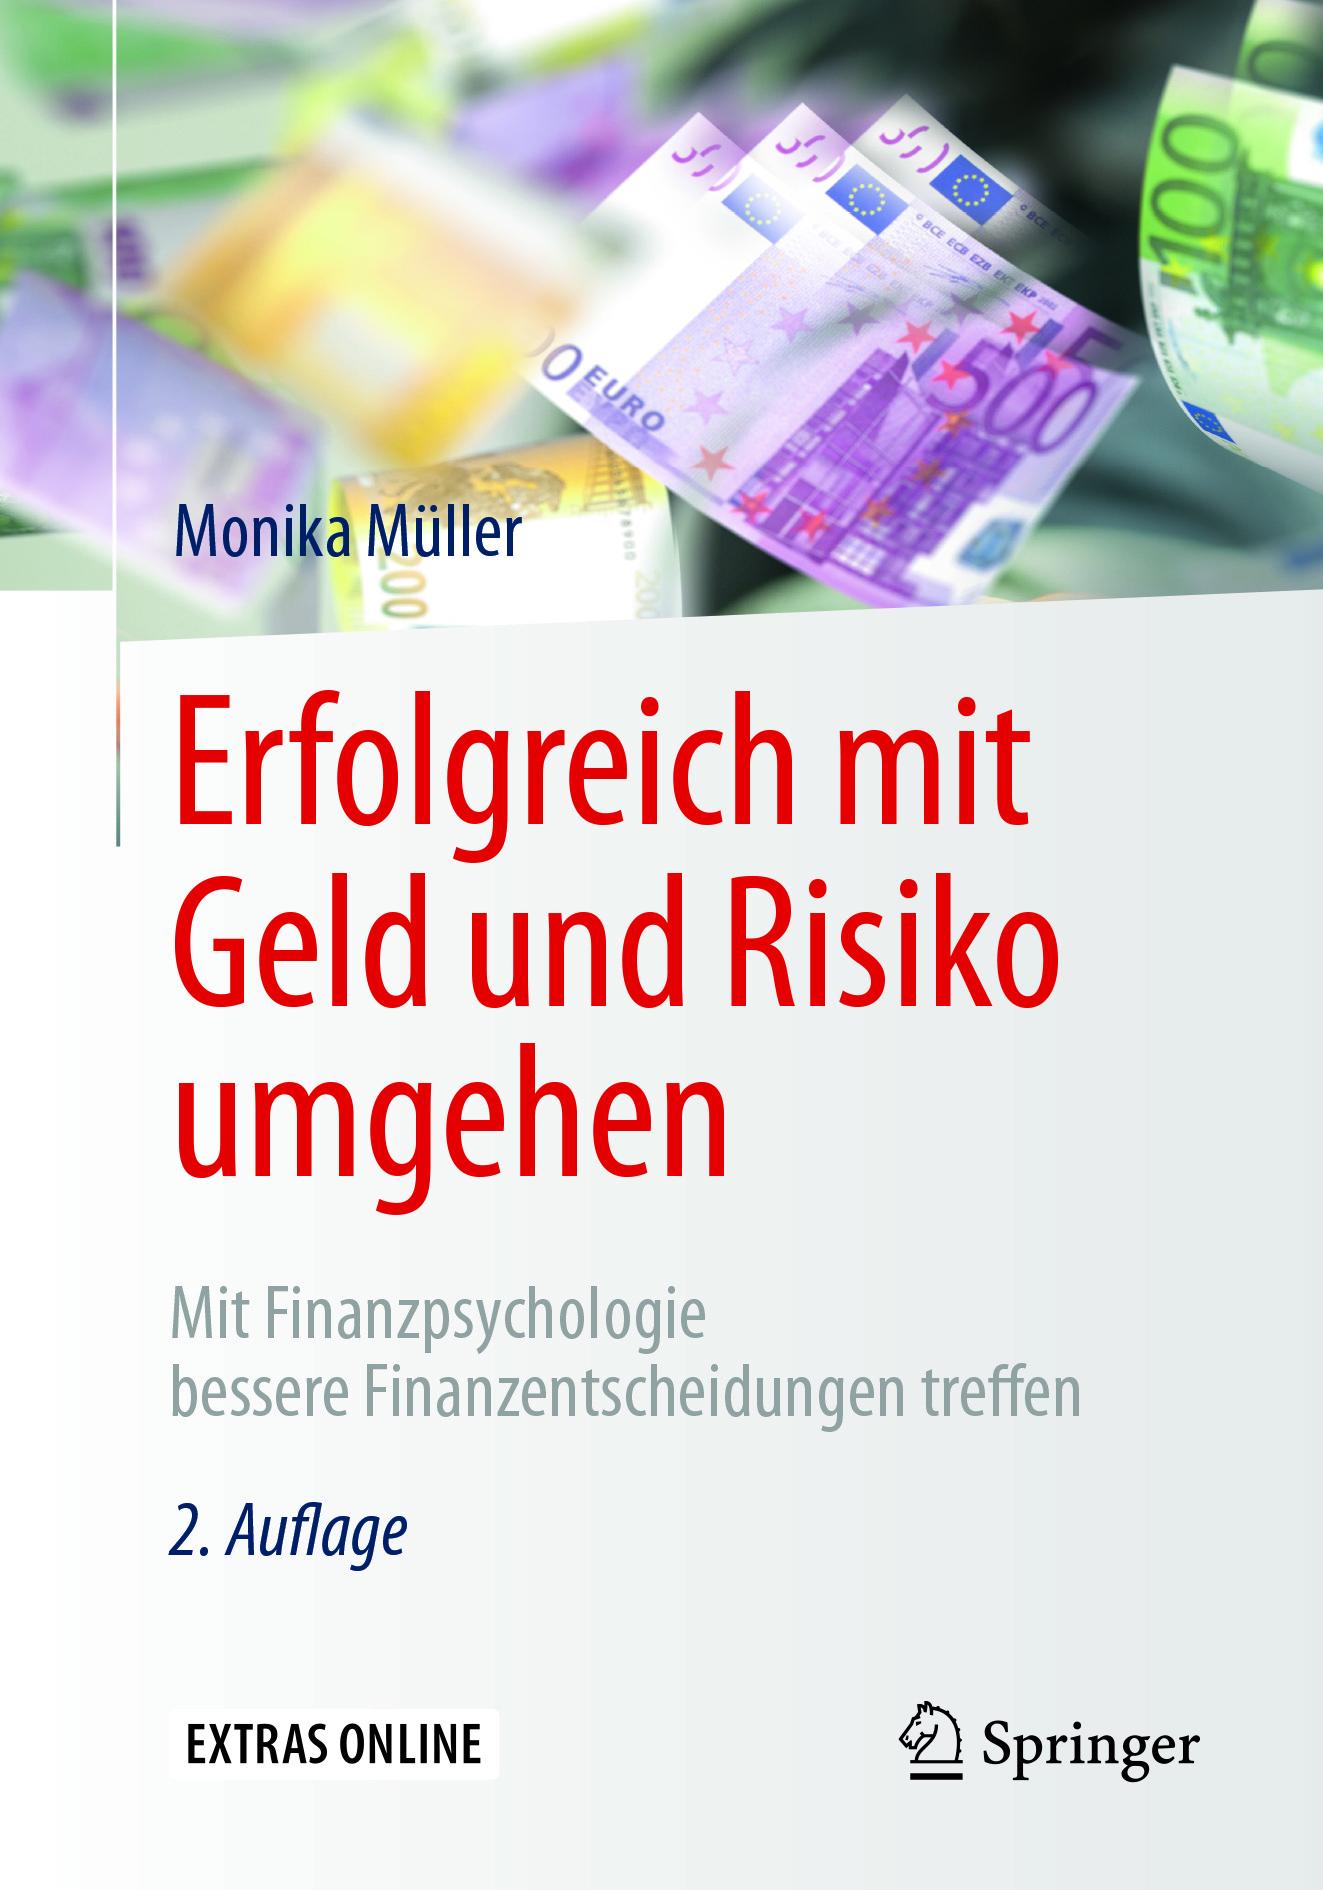 Müller, Monika - Erfolgreich mit Geld und Risiko umgehen, ebook